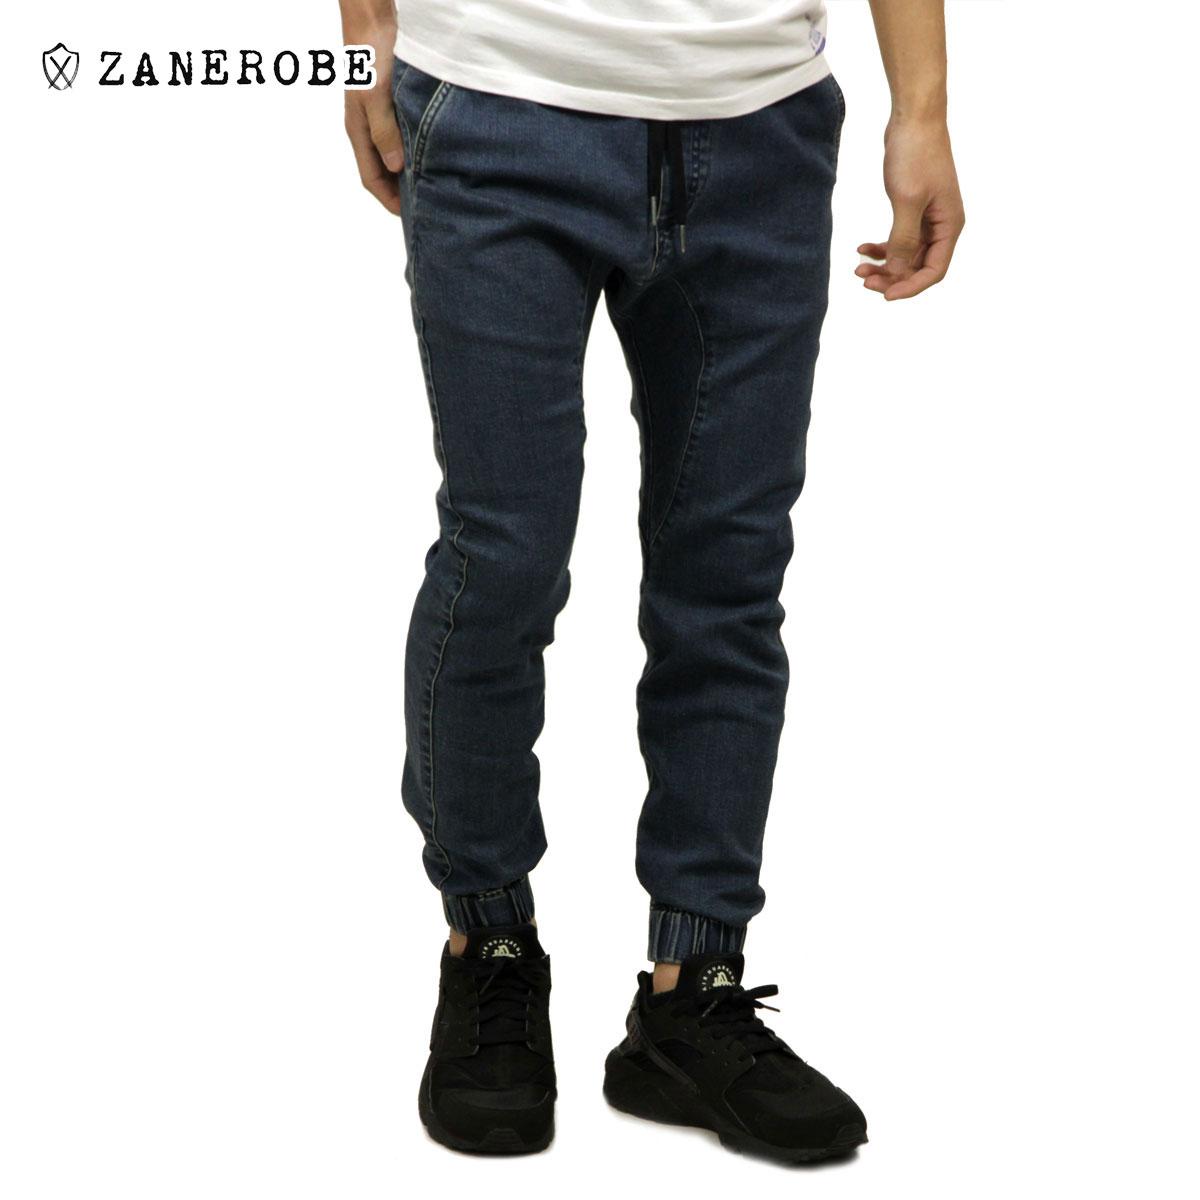 ゼンローブ ZANEROBE 正規販売店 メンズ デニム ジョガーパンツ SURESHOT DENIM JOGGER PANTS STRIPPED INDIGO 714-FT